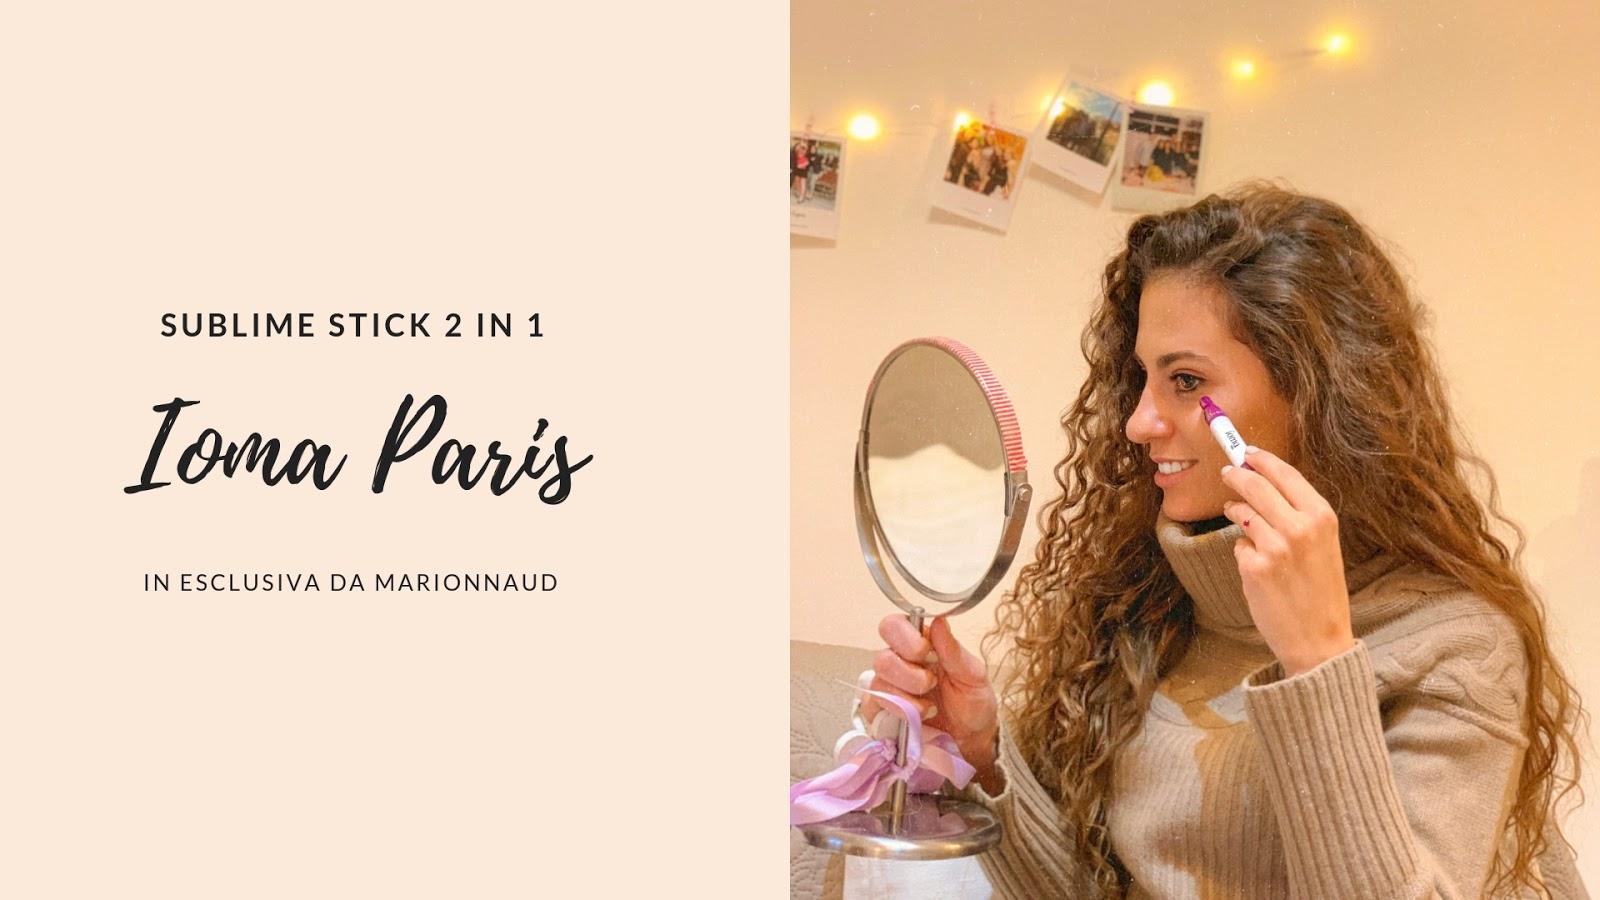 Sublime Stick 2 In 1 Di Ioma Paris Esclusiva Marionnaud